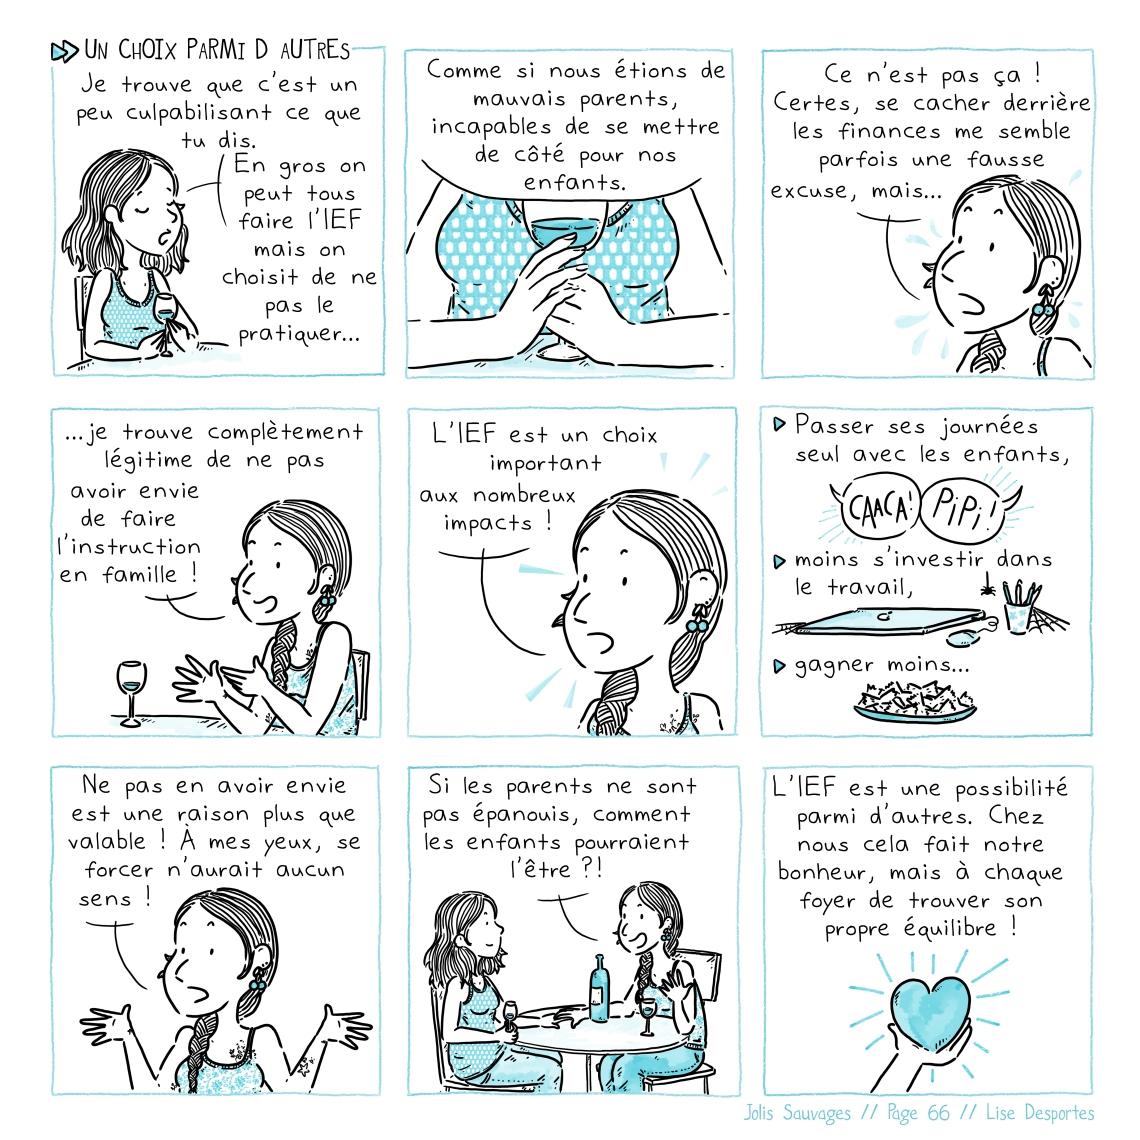 Page 66 - parent heureux ok.jpg